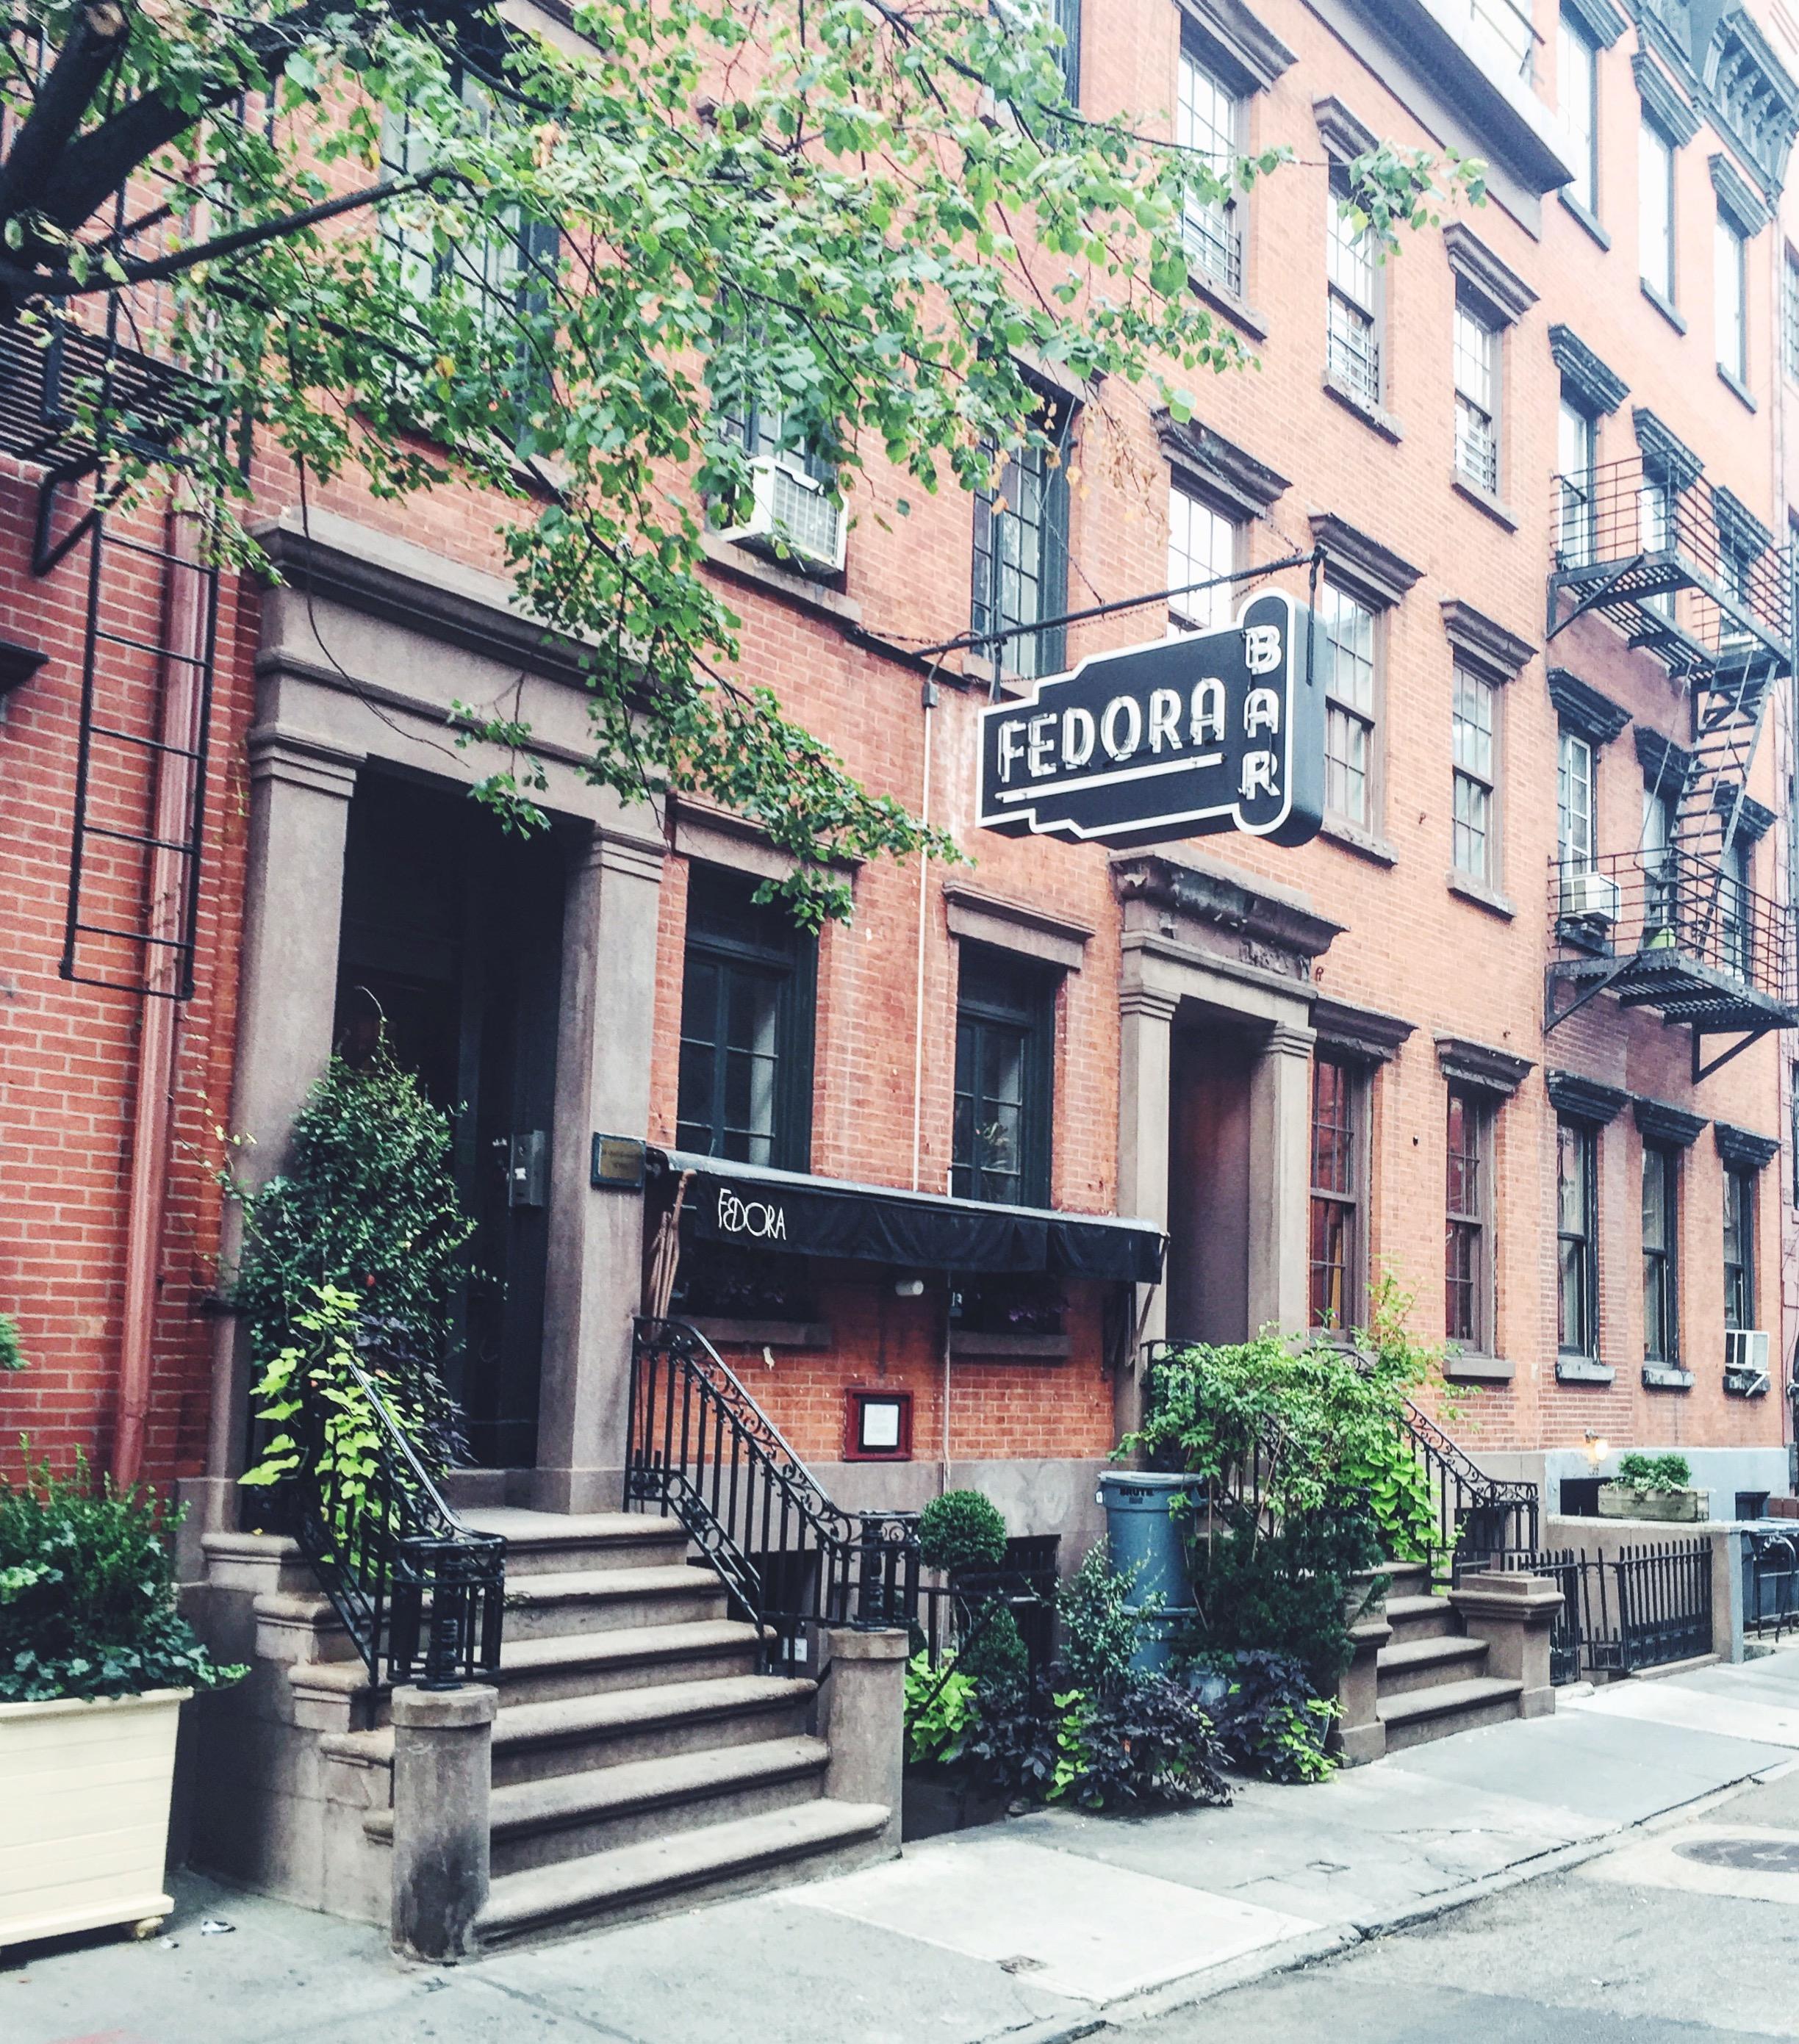 Bar Fedora - West Village, New York